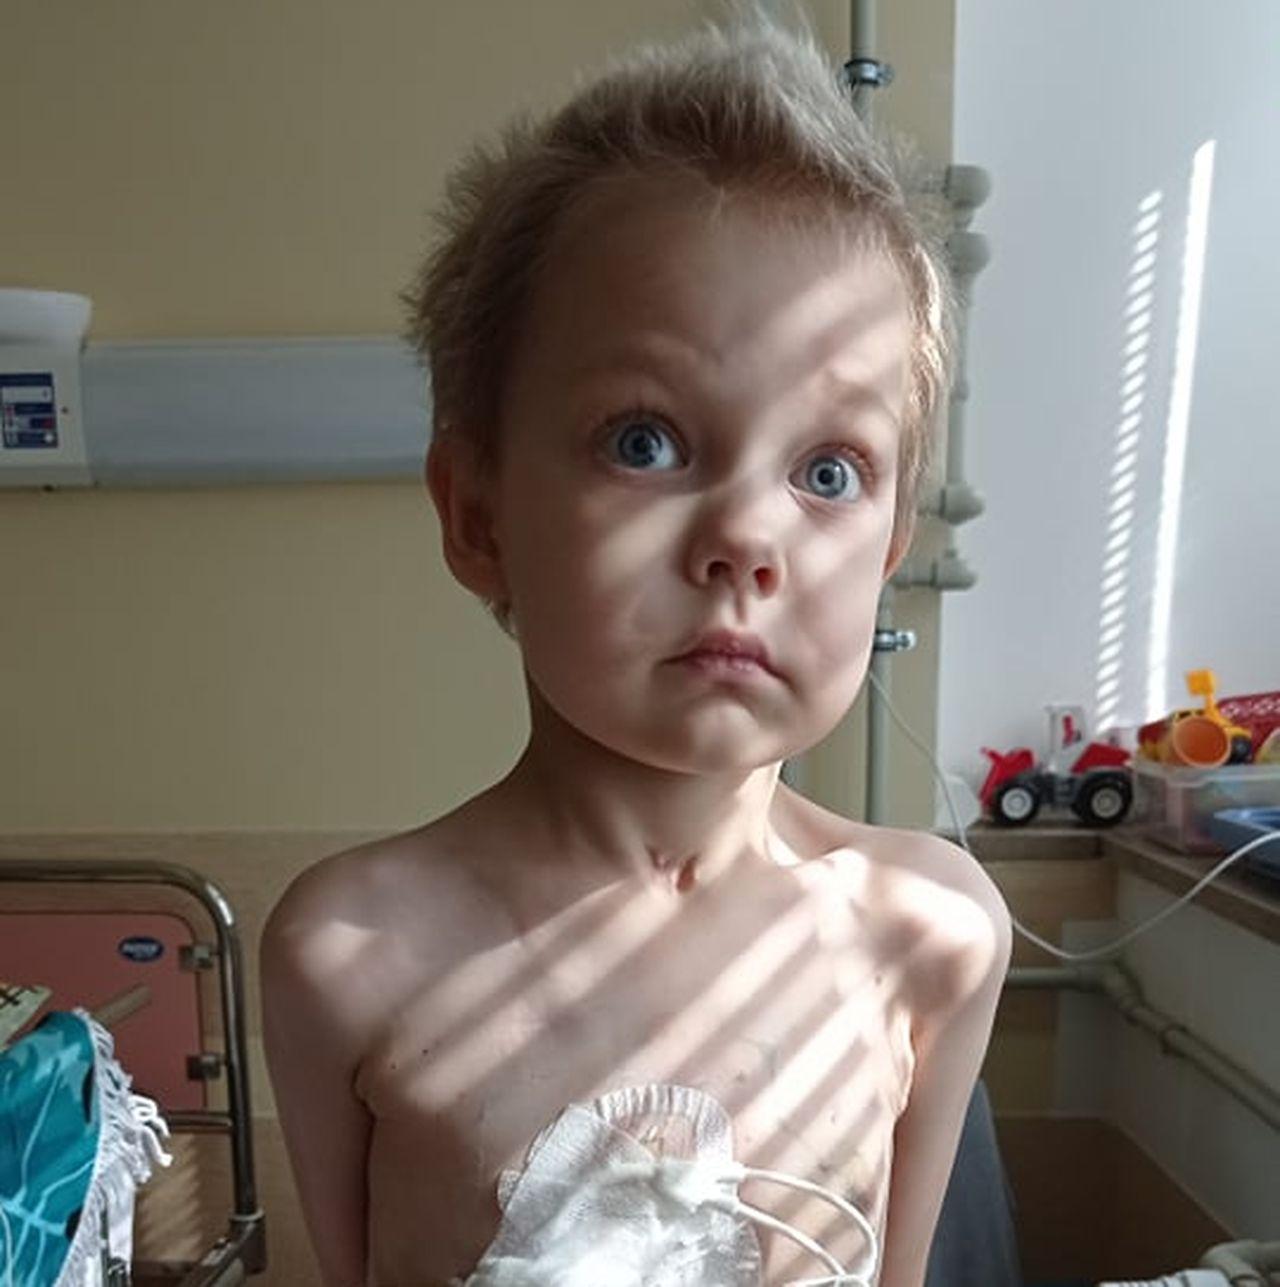 Ma tylko 3 latka, a przeszedł już 17 operacji. Mały Hubert walczy o życie  - Zdjęcie główne